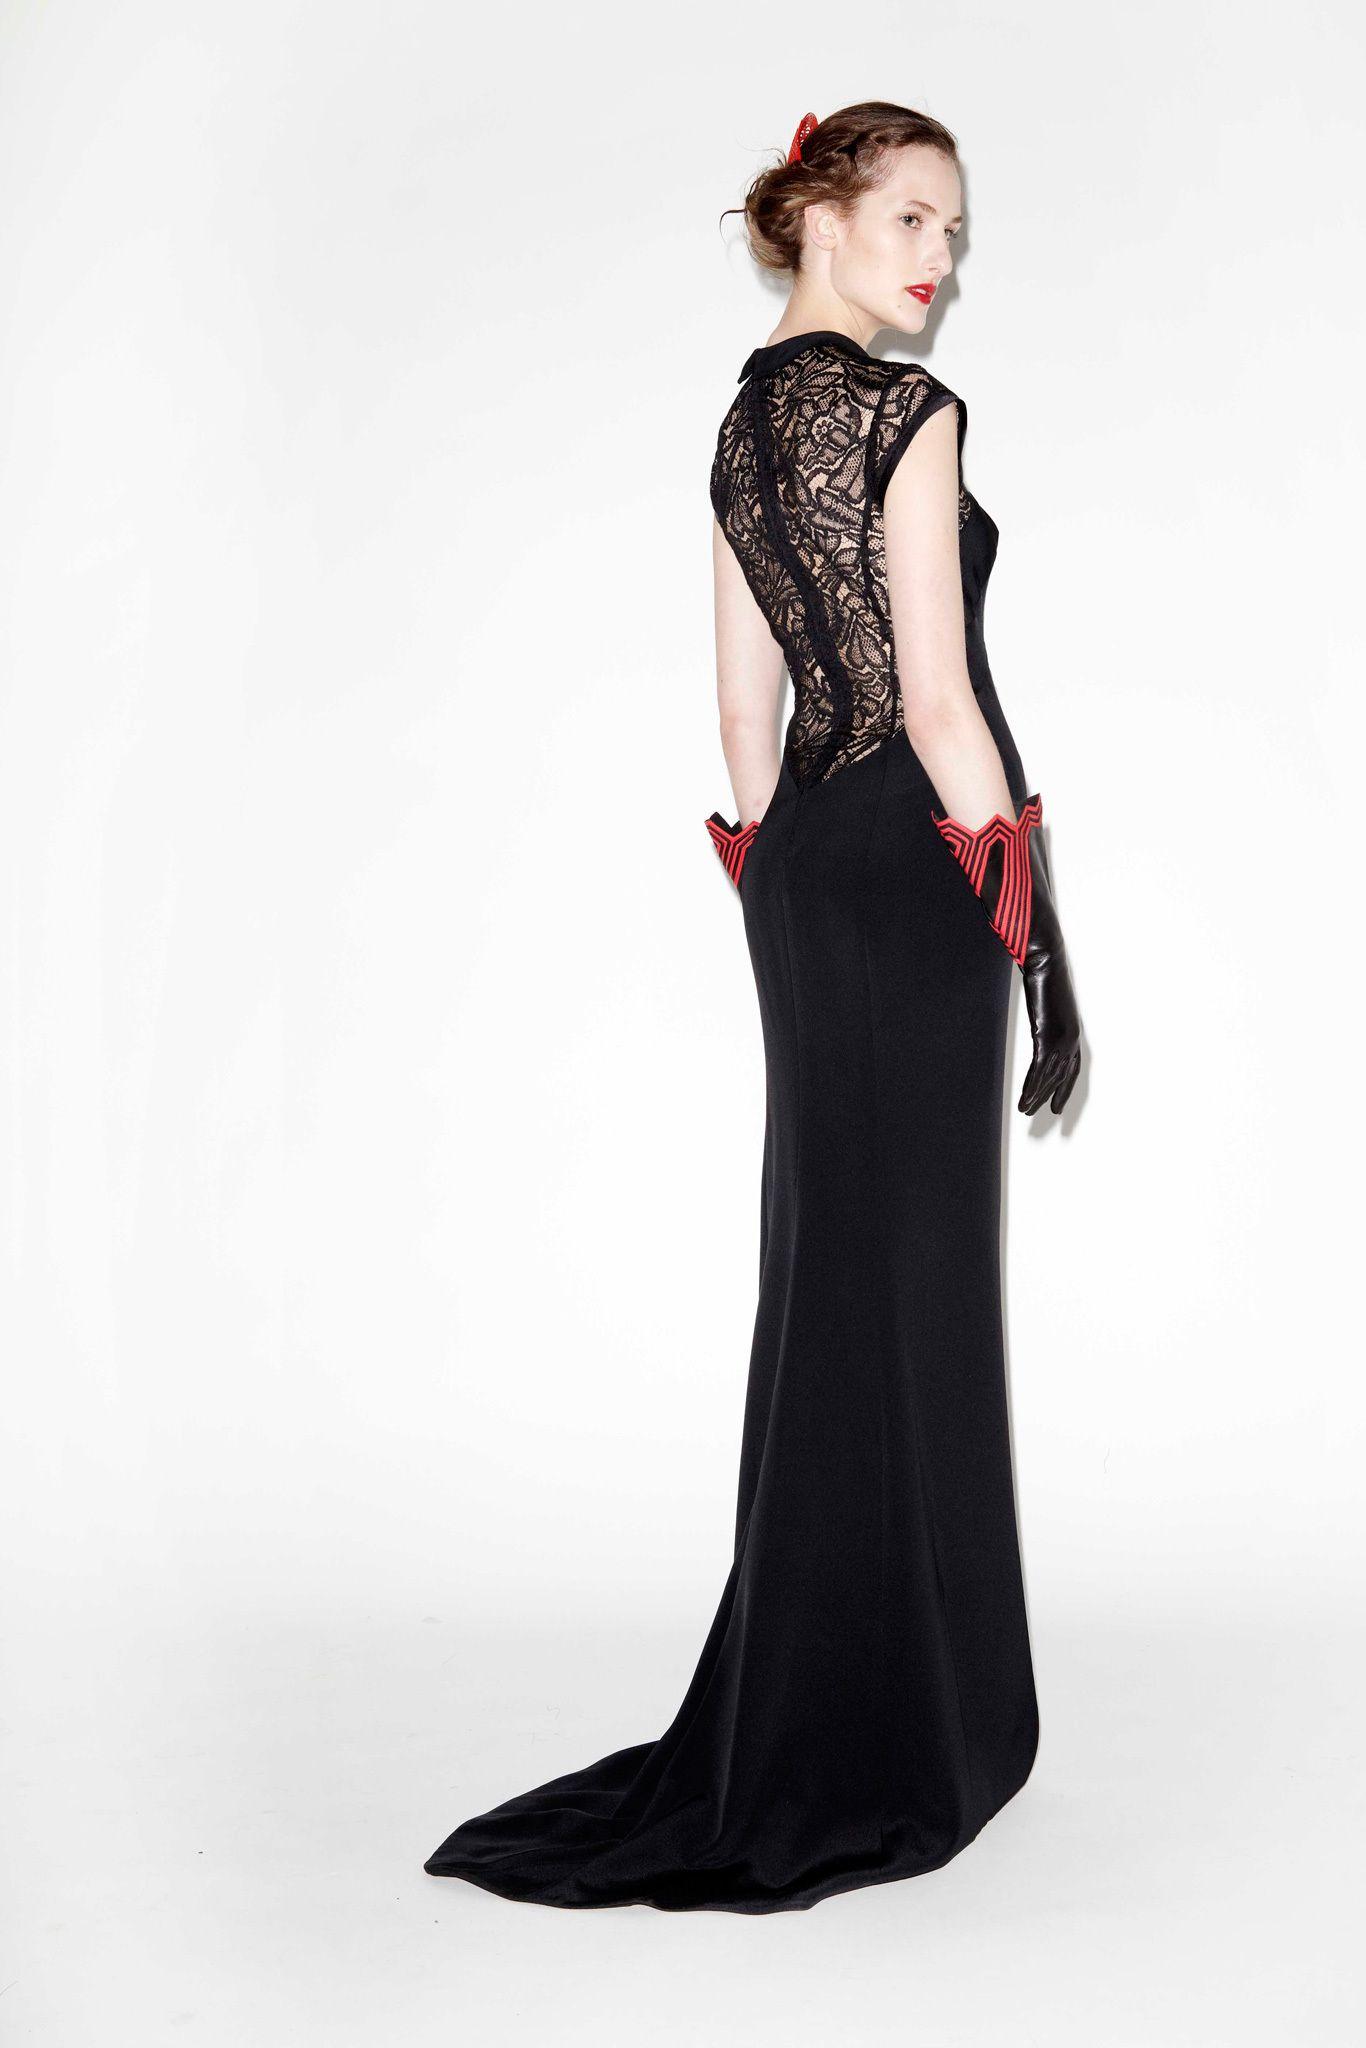 wear it like a lady {L'Wren Scott #Spring2013 Ready-to-Wear Collection}